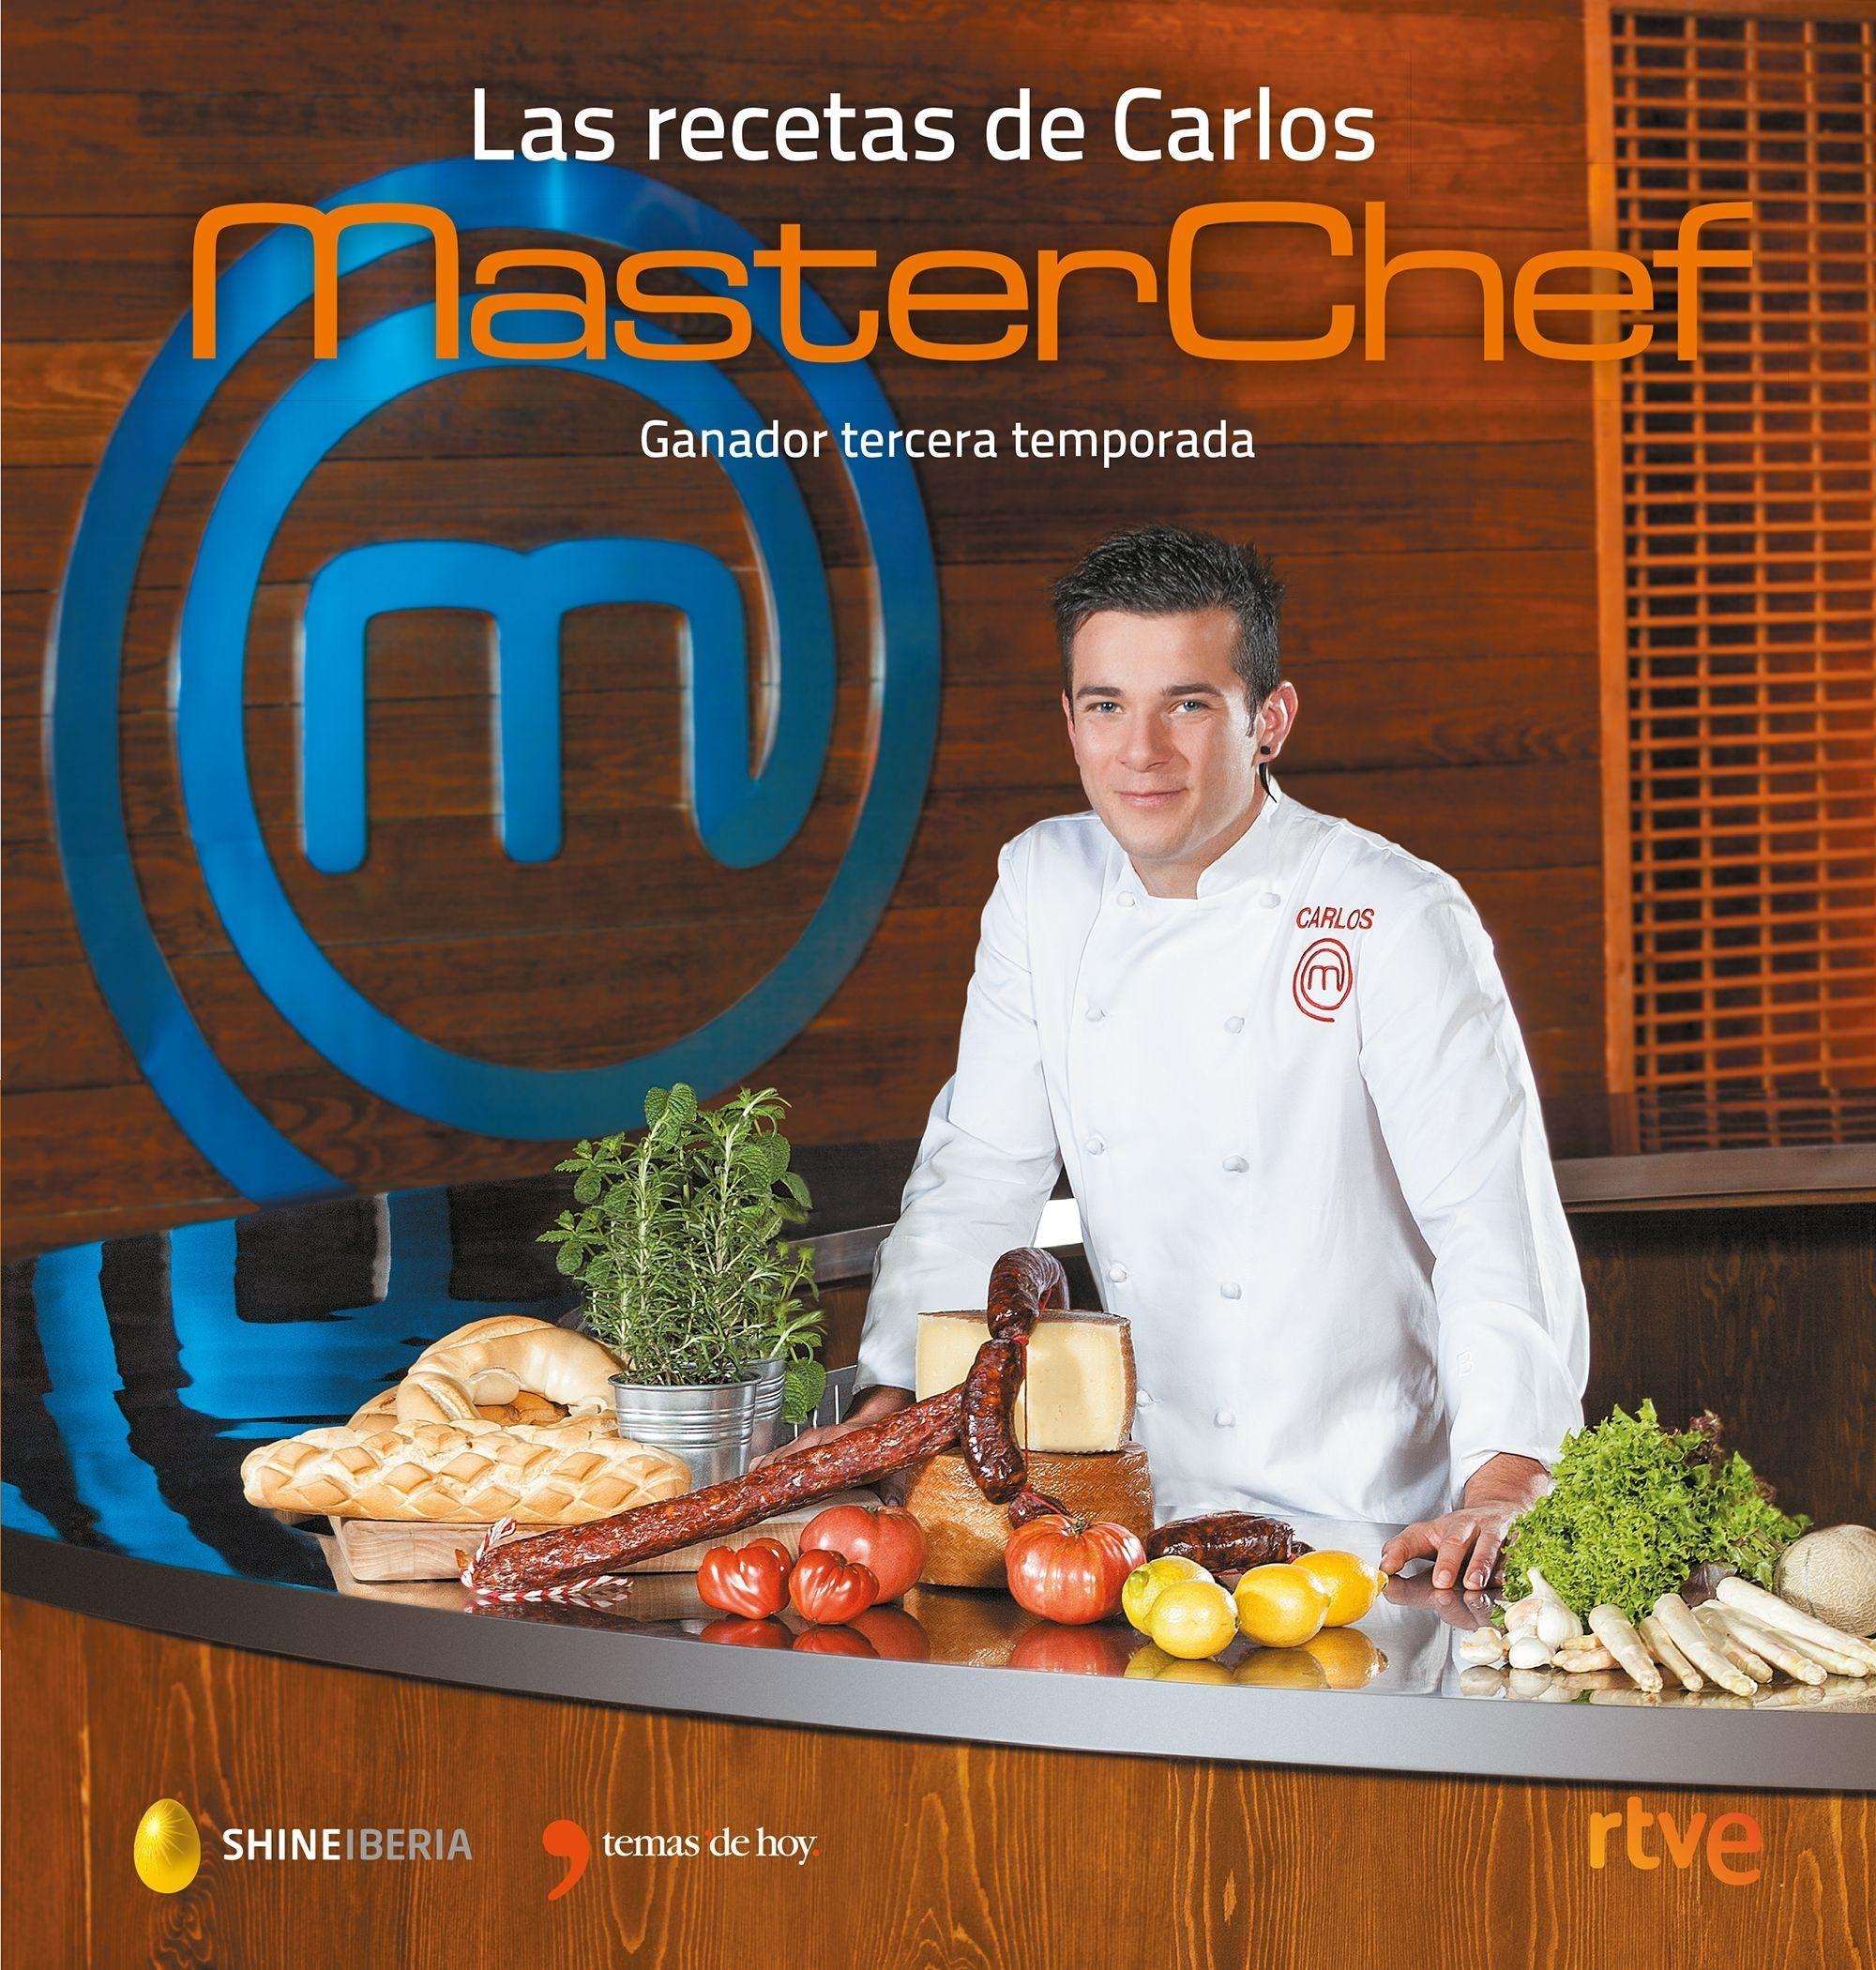 Carlos Maldonado Chef Libros De Recetas Libro De Cocina Recetas Masterchef